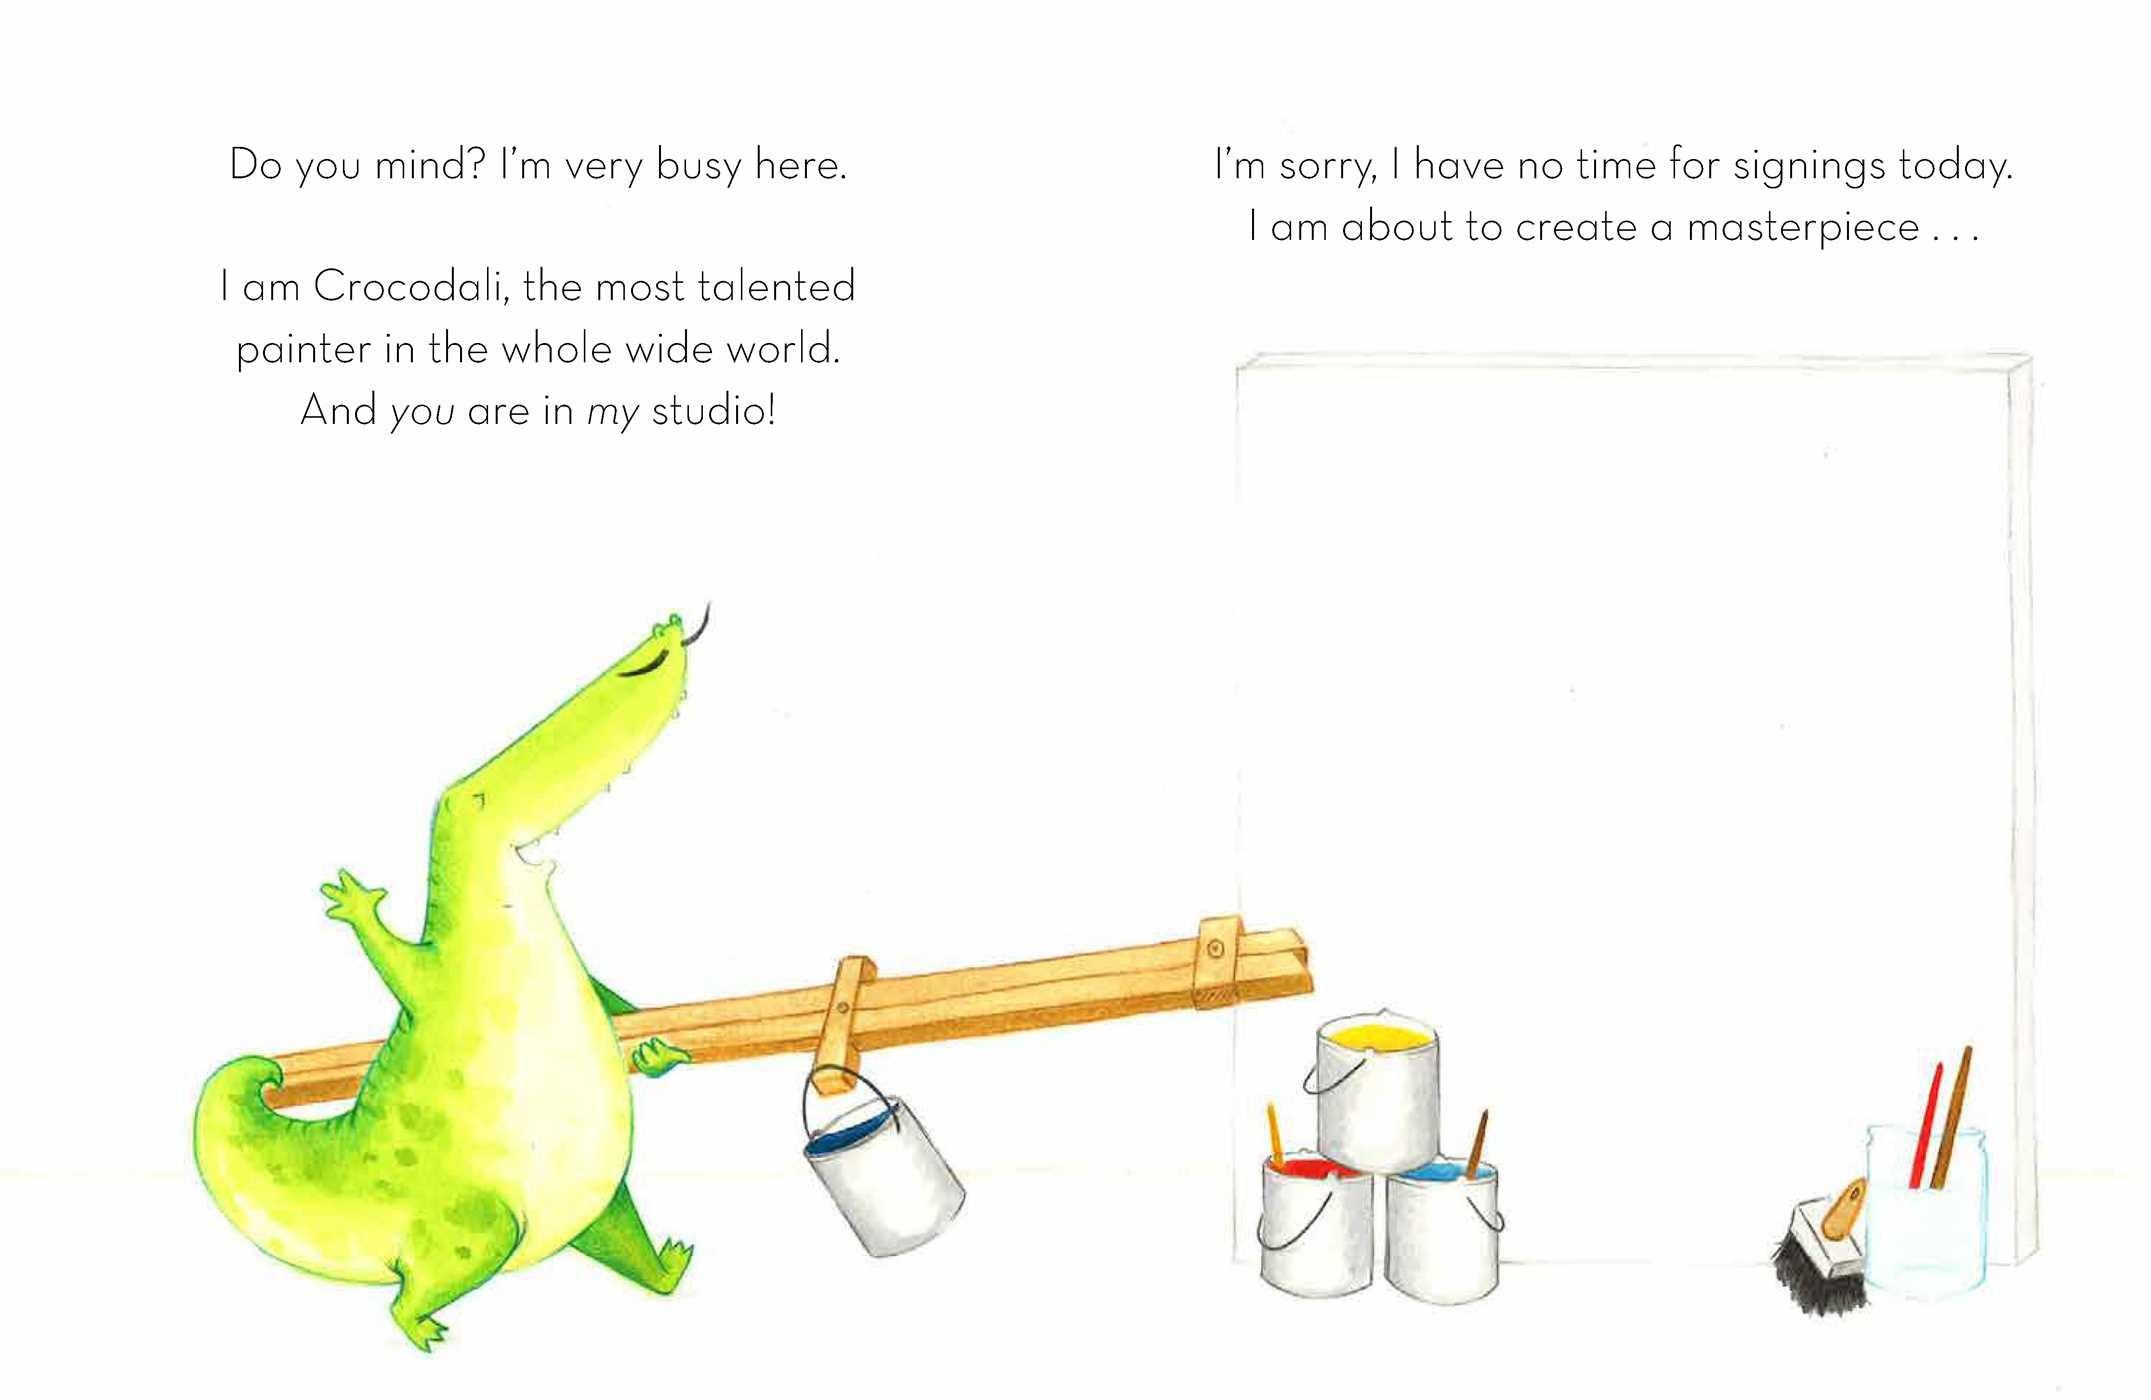 celebrate-picture-books-picture-book-review-crocodali-in-the-studio